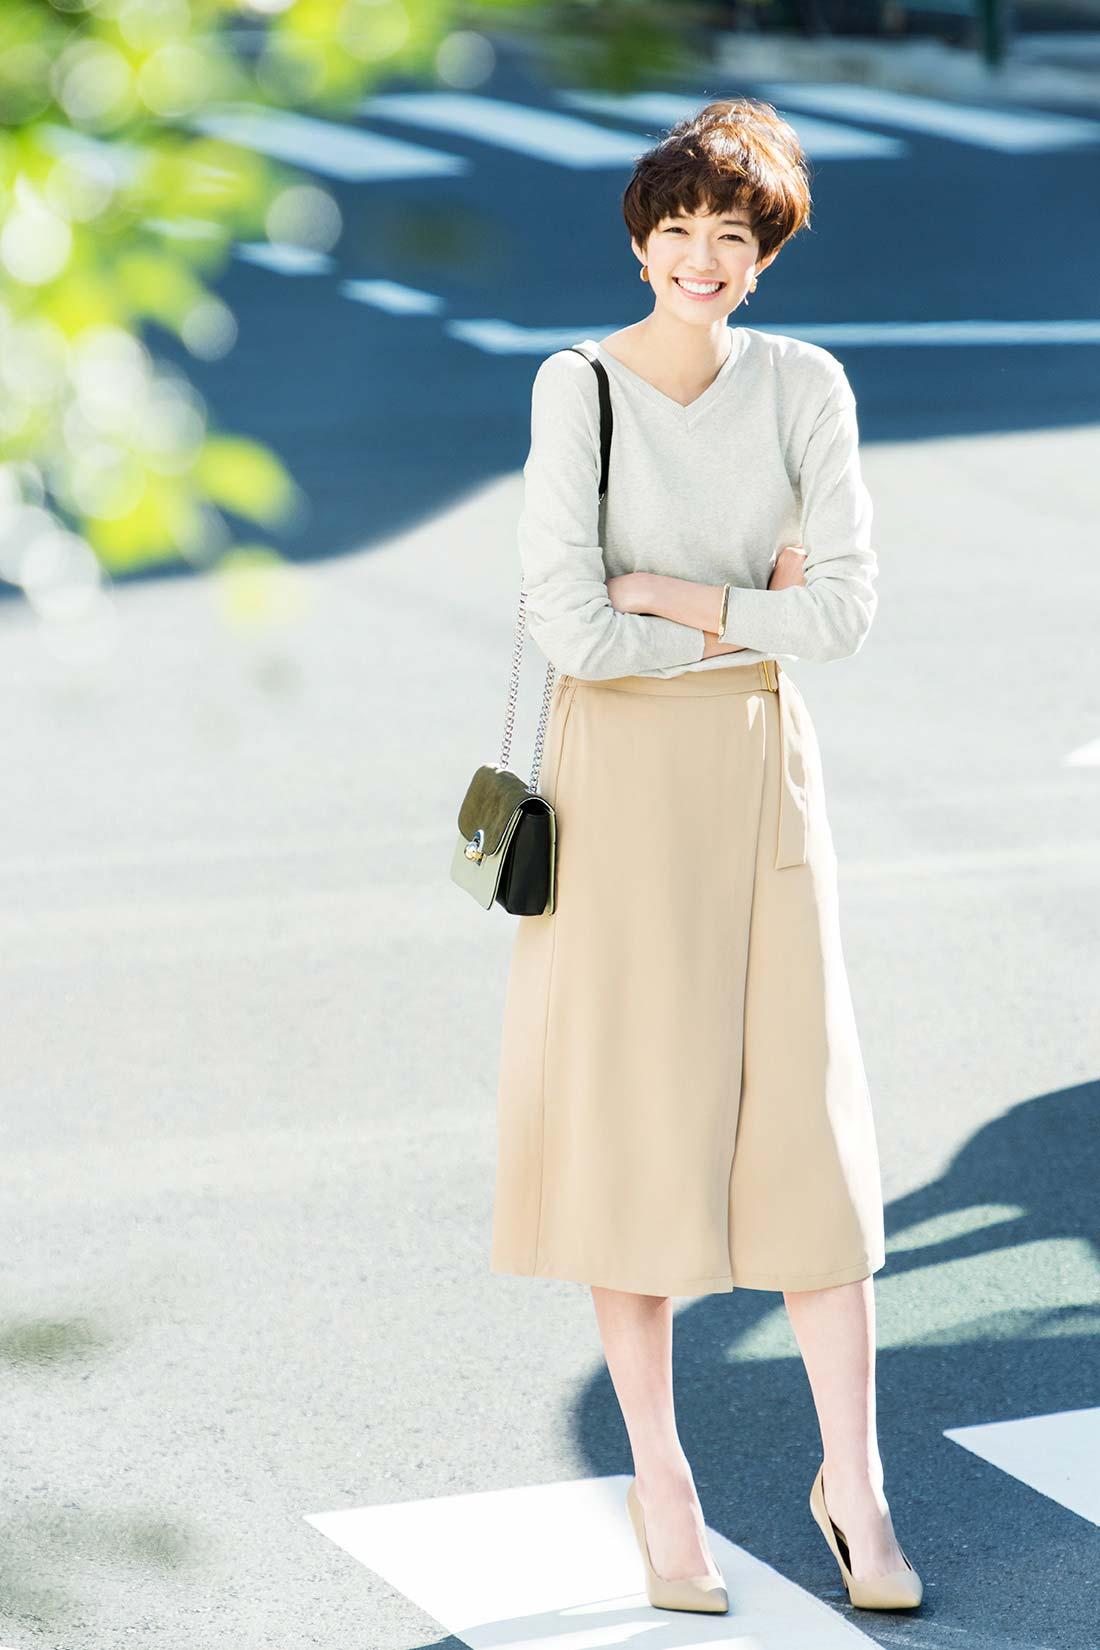 ニュアンスカラーに心やわらぐ、クリーンな春スタイル。シルク混ニットで上質感を漂わせつつ、ラップスカート風のパンツで旬顔アピール。すらりとしたⅠラインシルエットも今っぽさの秘密です。